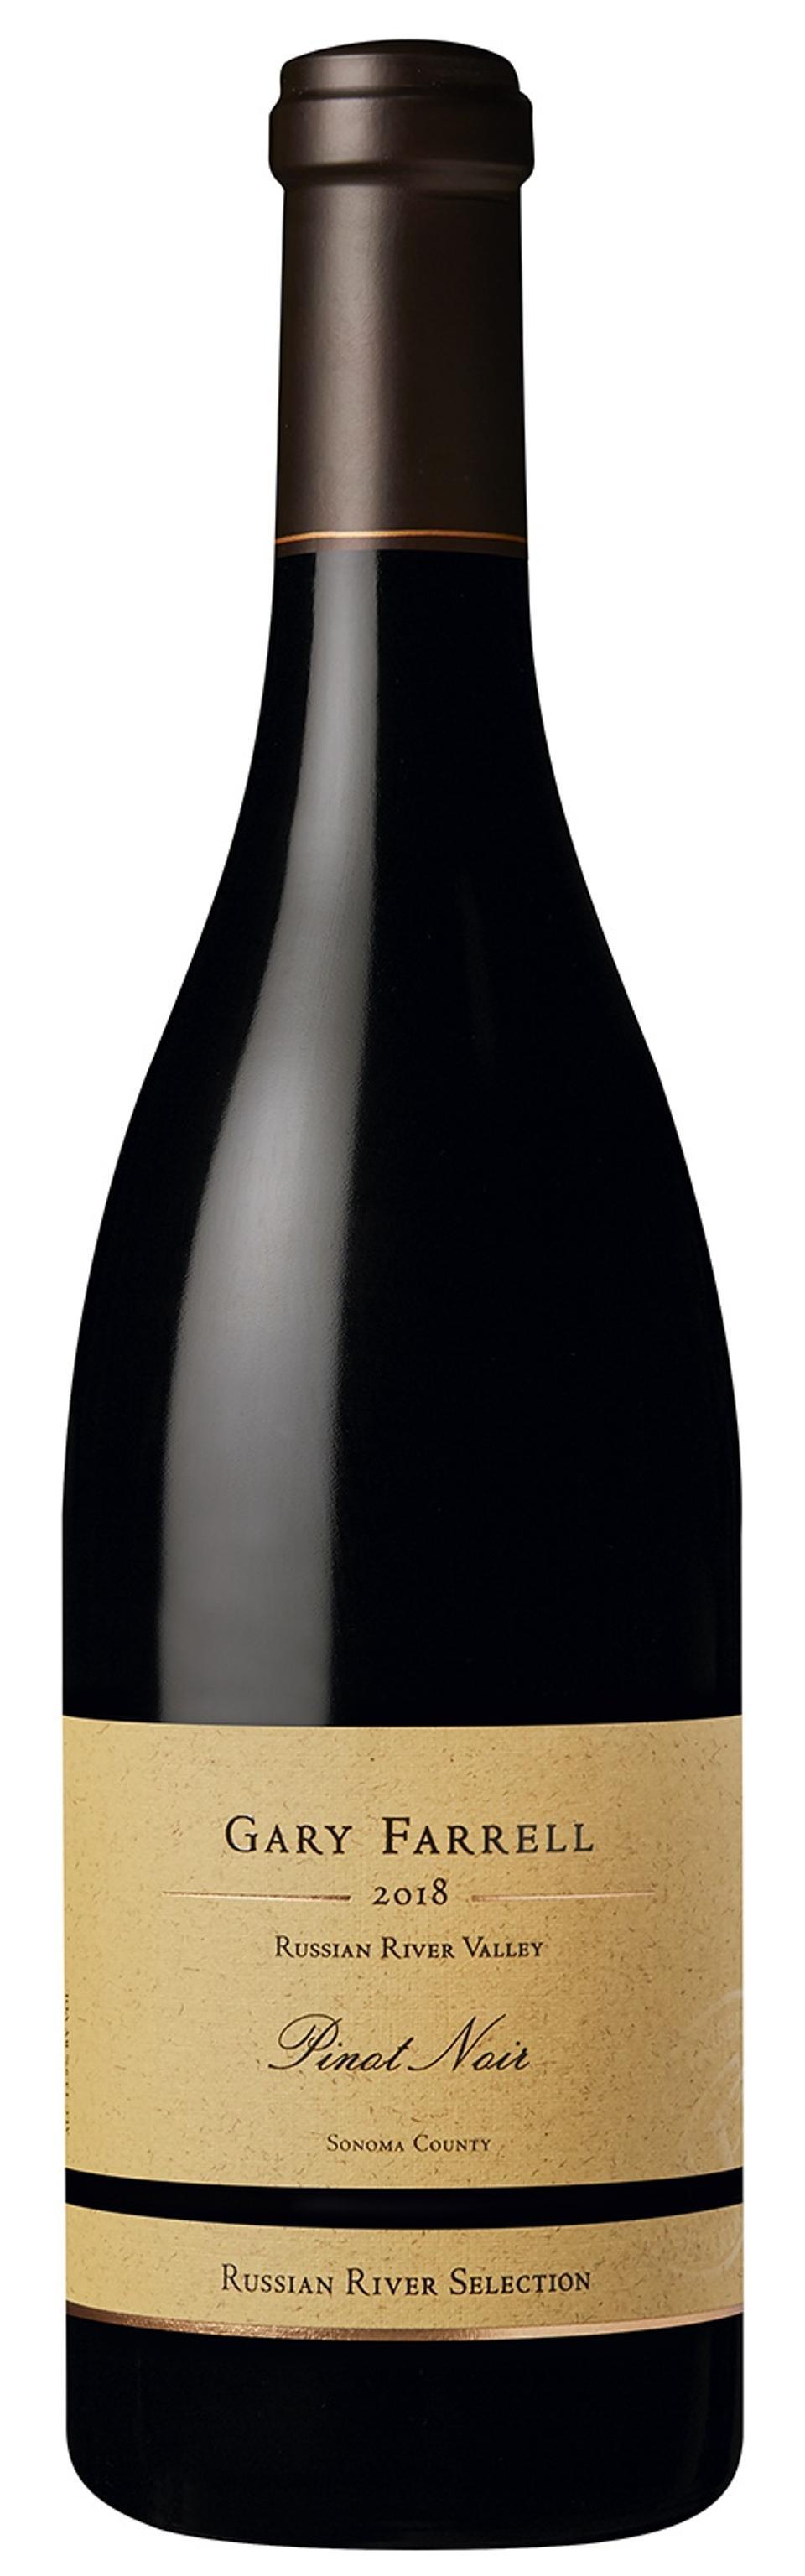 Bottle of Gary Farrell Russian River Valley Pinot Noir